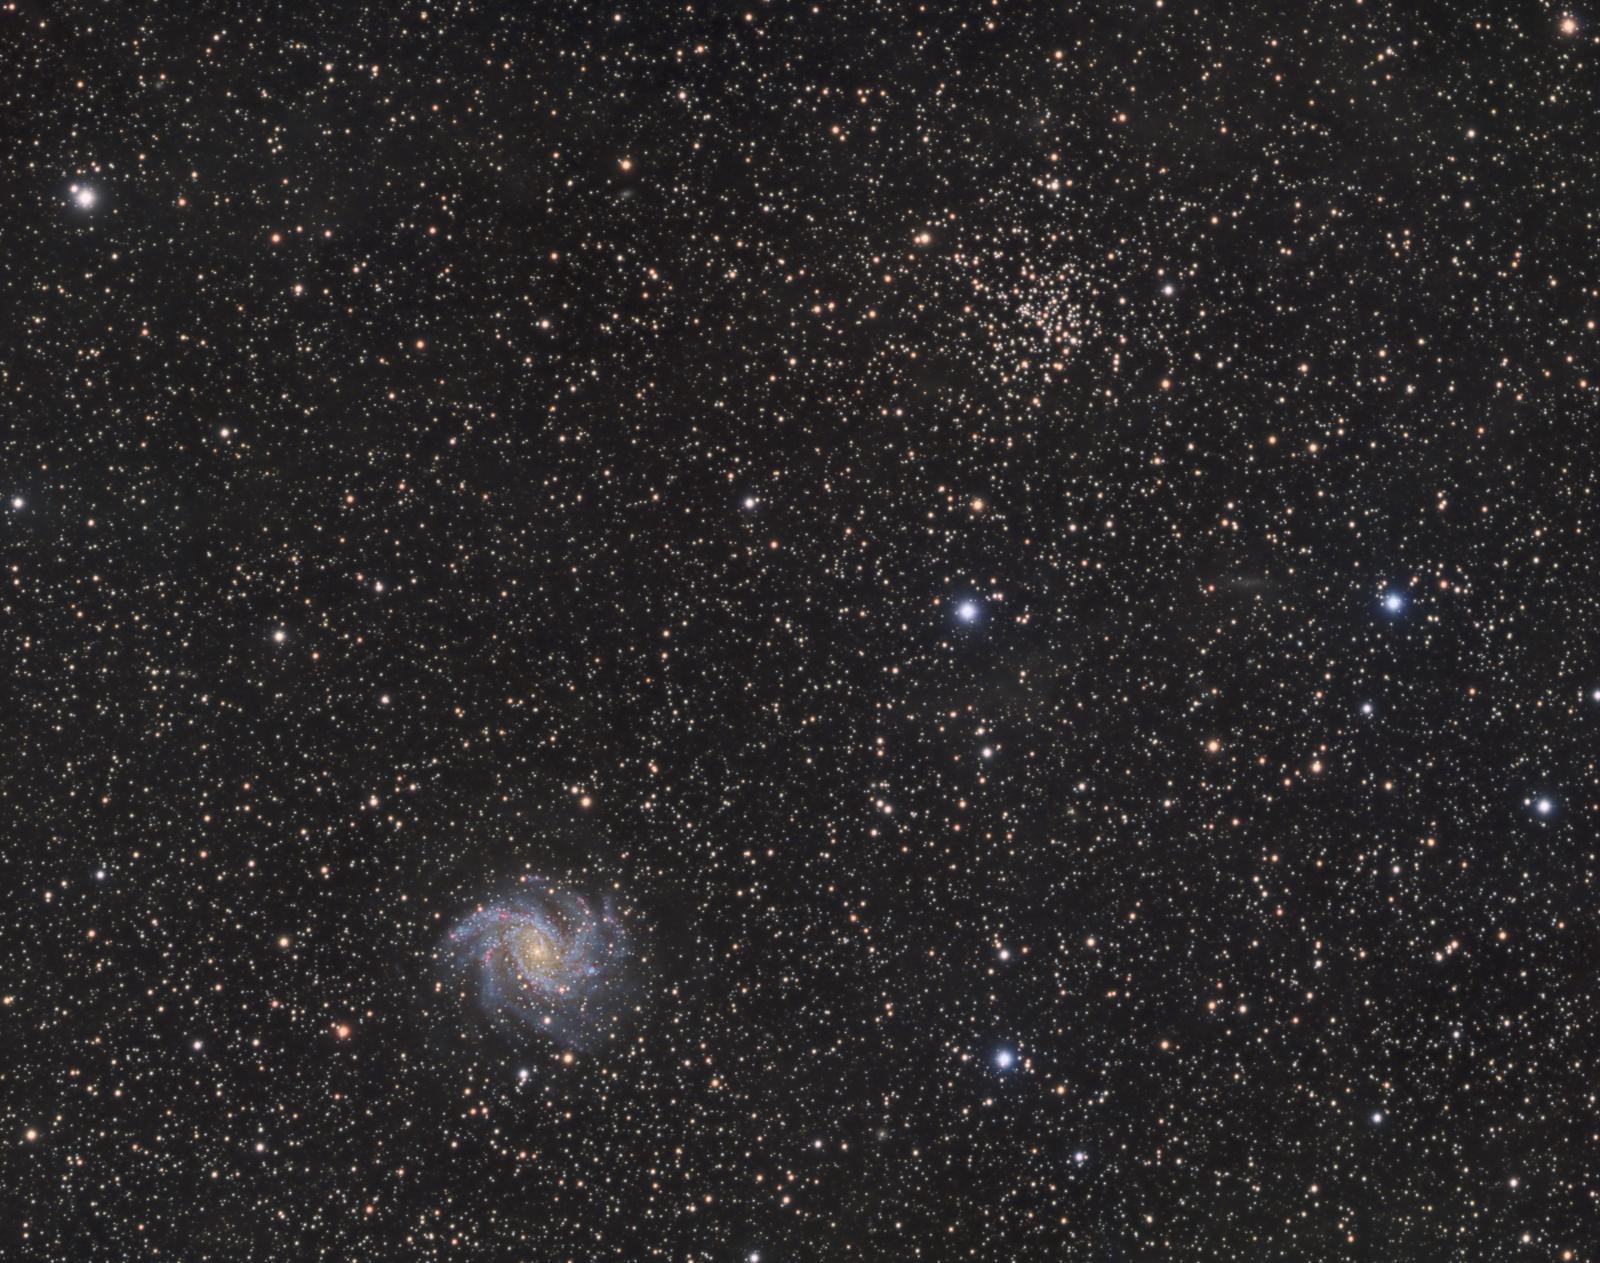 NGC 6946 and NGC 6939